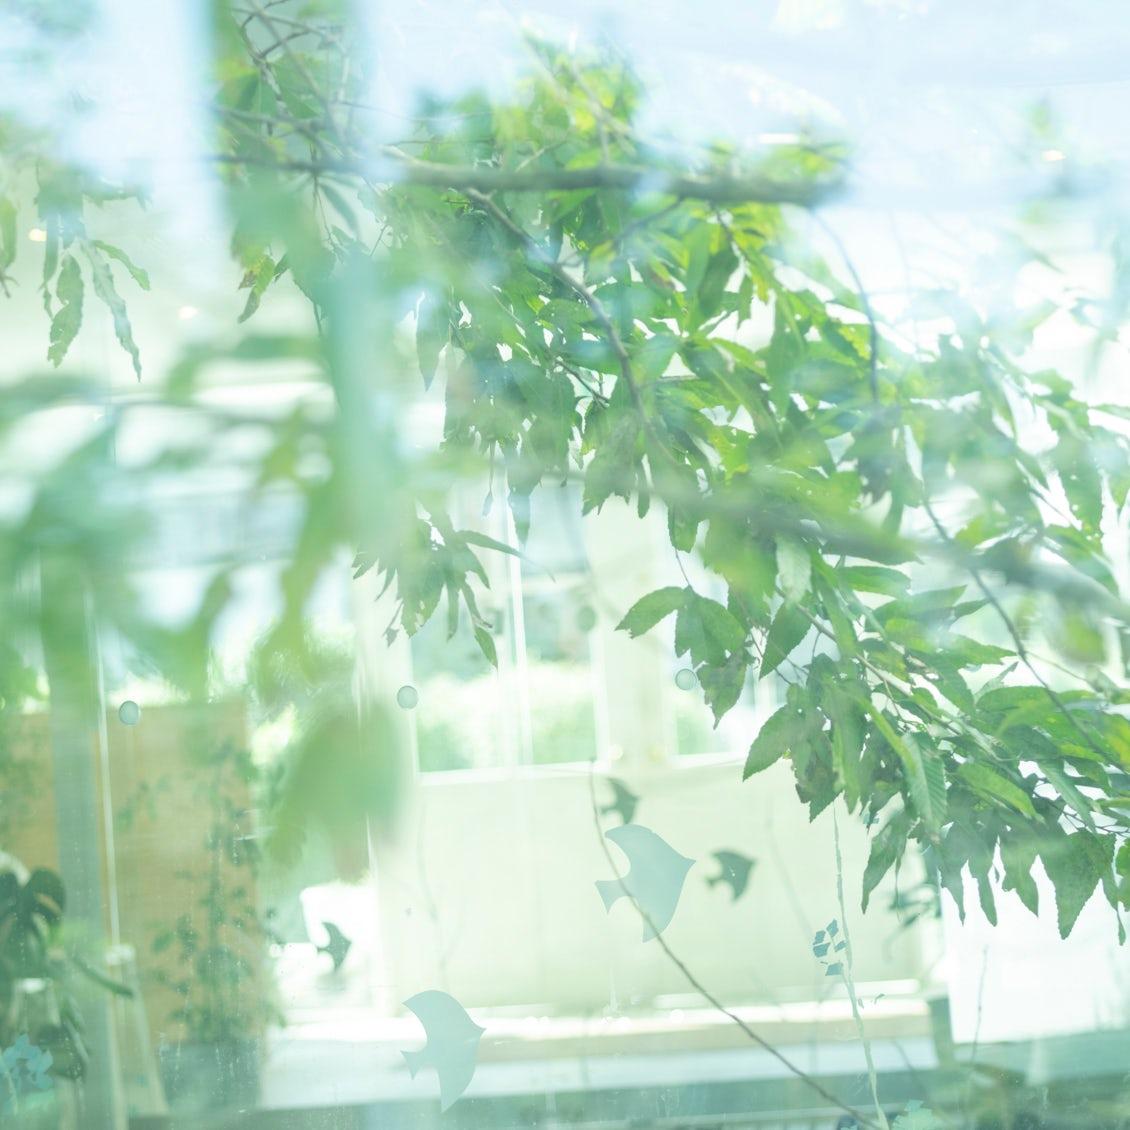 【メルマガ限定】今は人生の通過点。「しぜんの国保育園」園長・齋藤美和さんのエッセイが始まります。